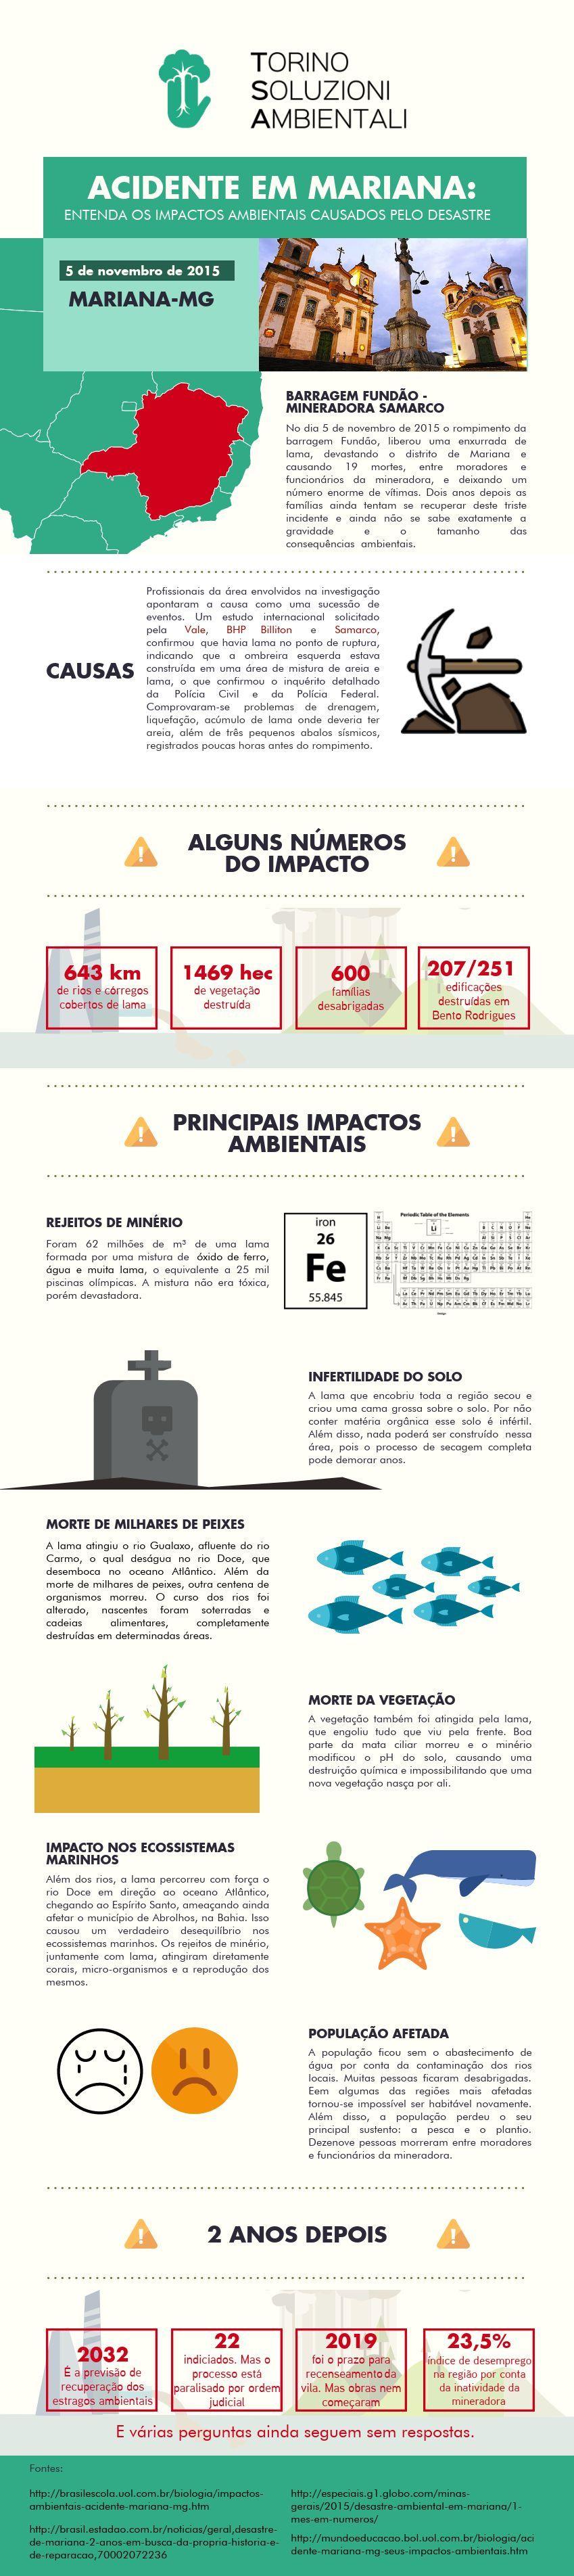 Infográfico - Tragédia De Mariana: entenda os impactos ambientais causados pelo desastre